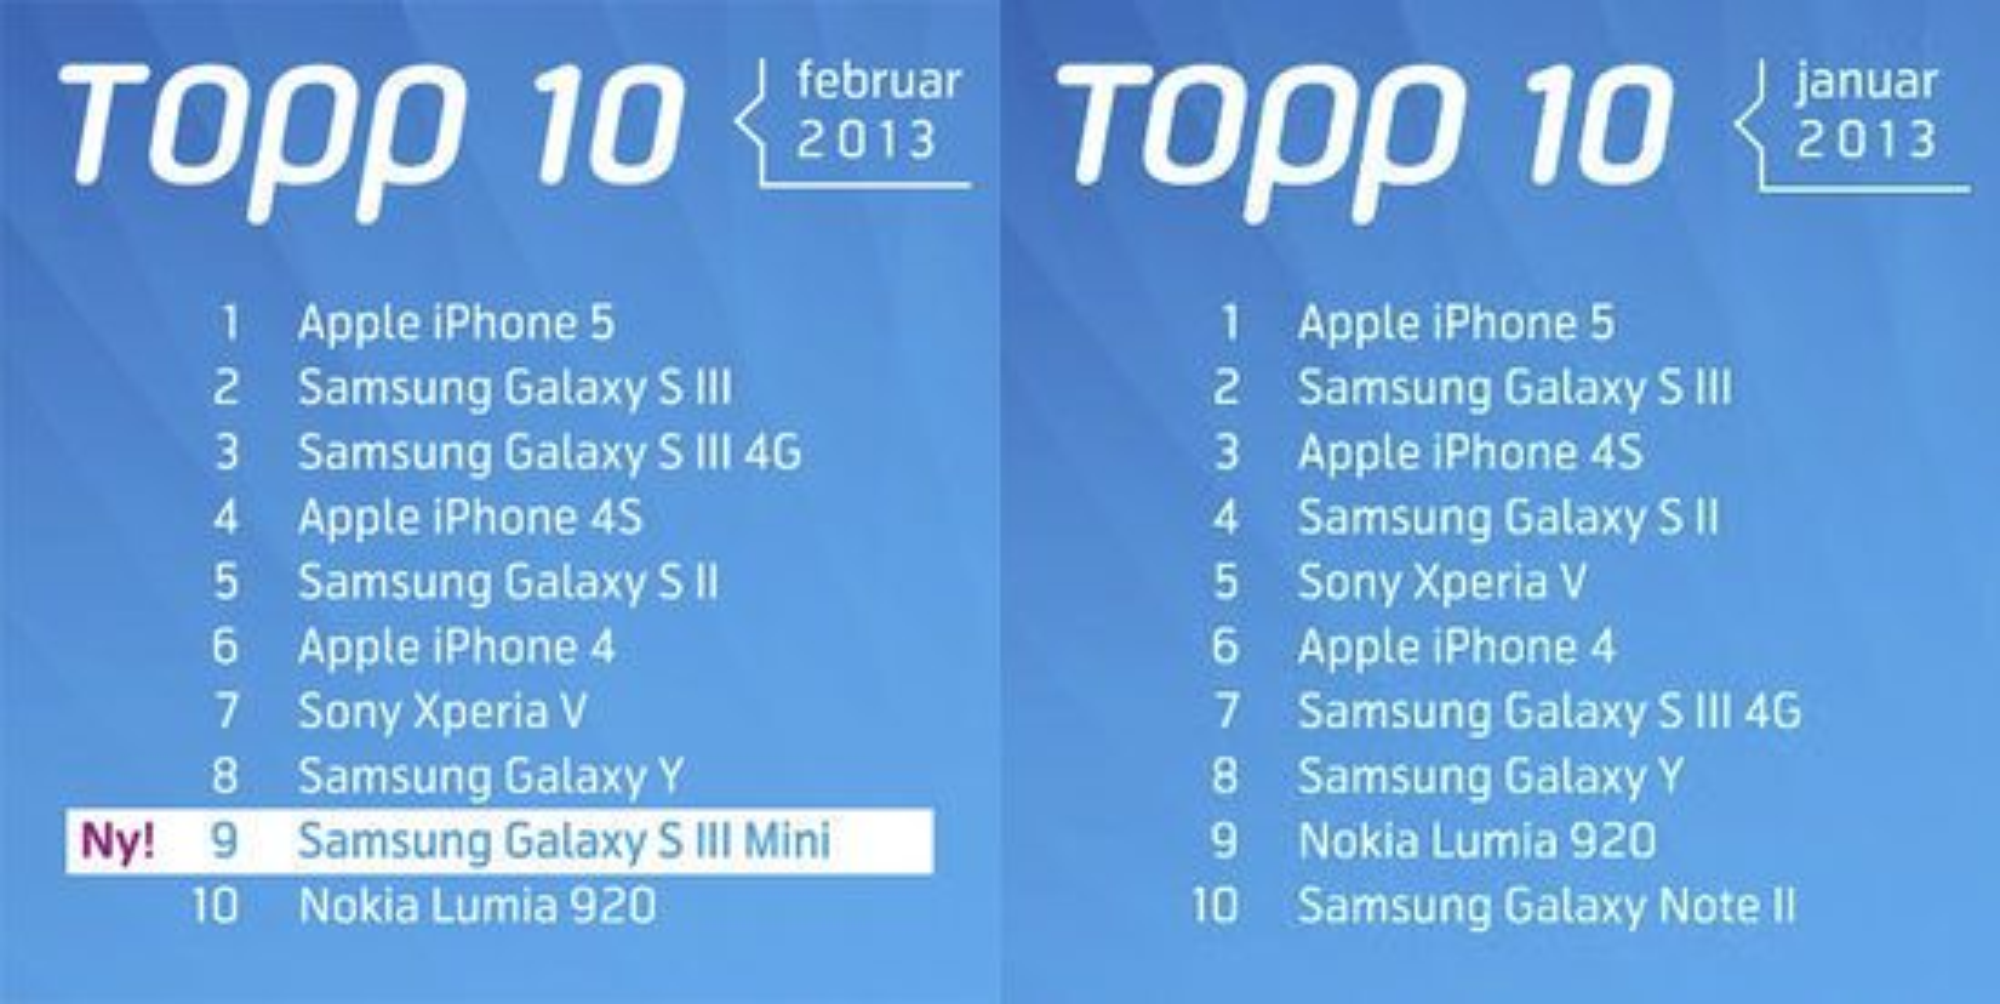 De mest solgte smartmobilene gjennom Telenors nettbutikk i henholdsvis februar og januar 2013.